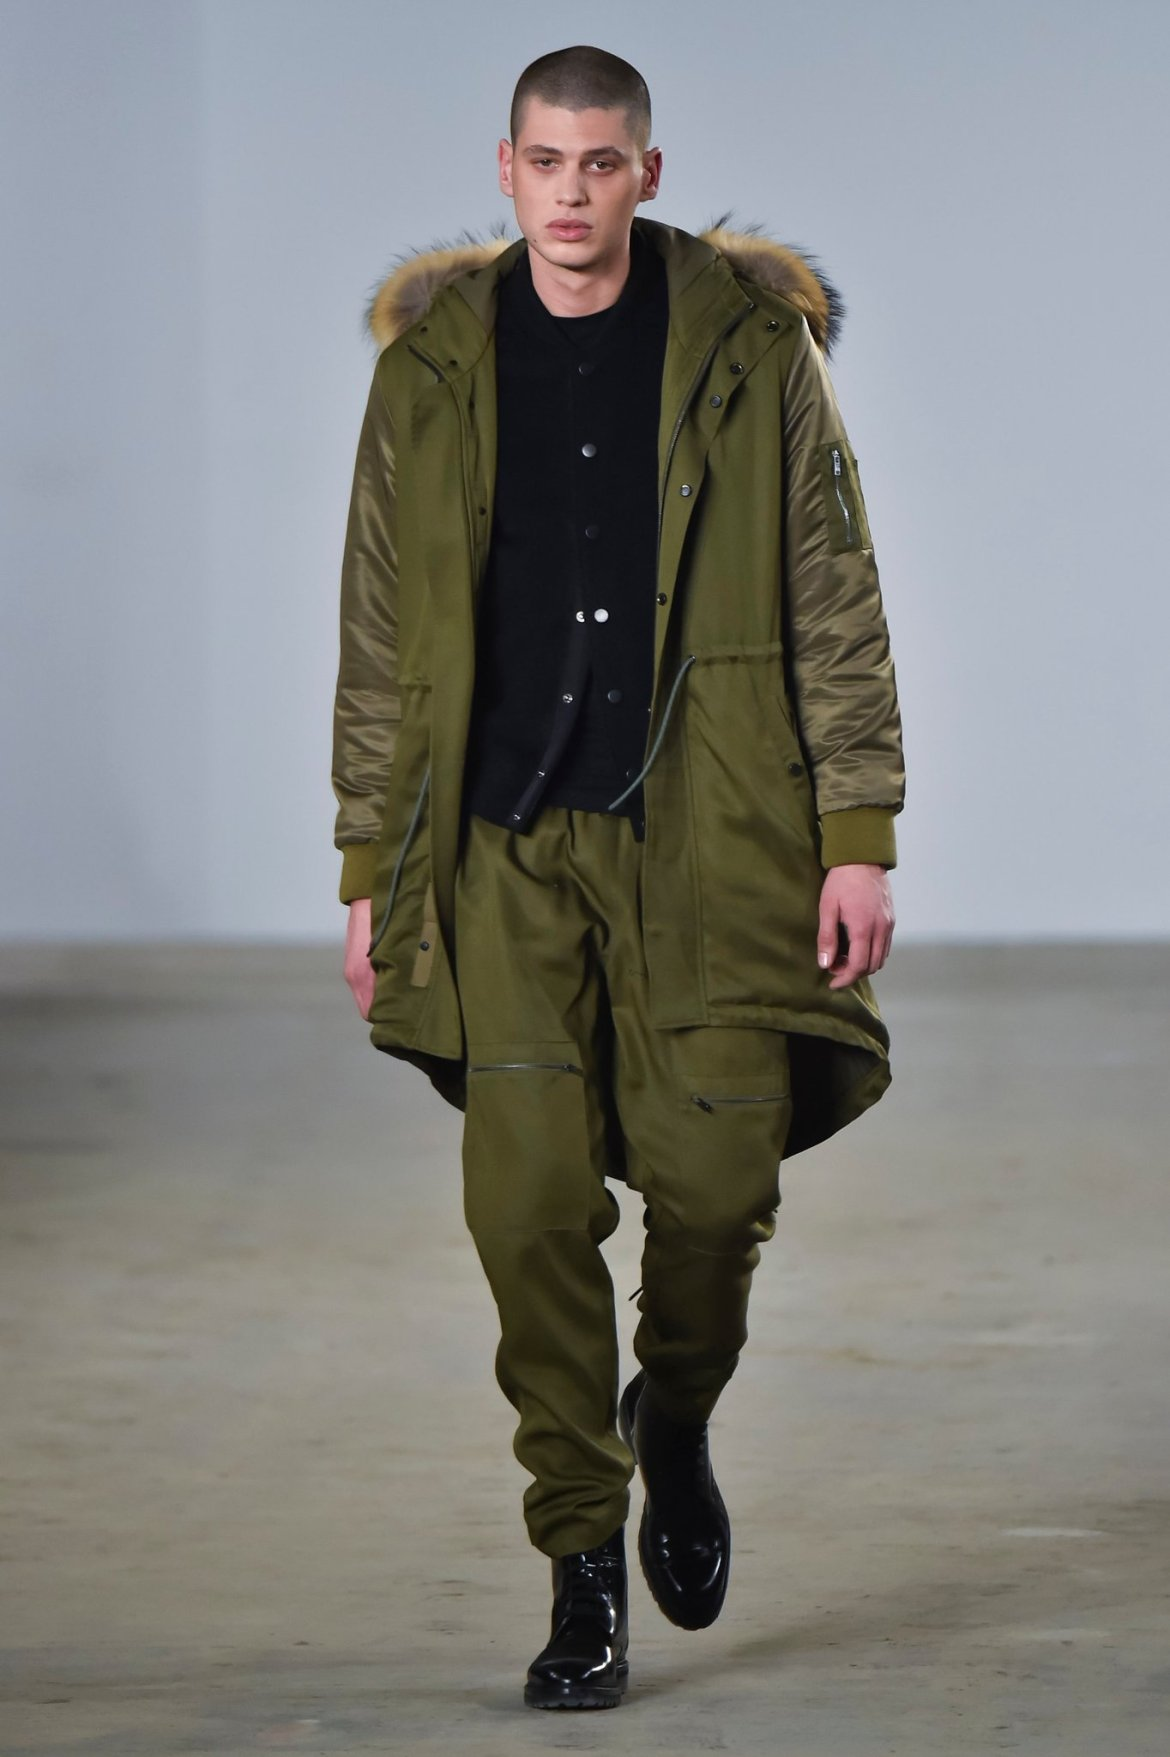 nyfwm, nyfwm aw16, new york fashion week mens, new york fashion week